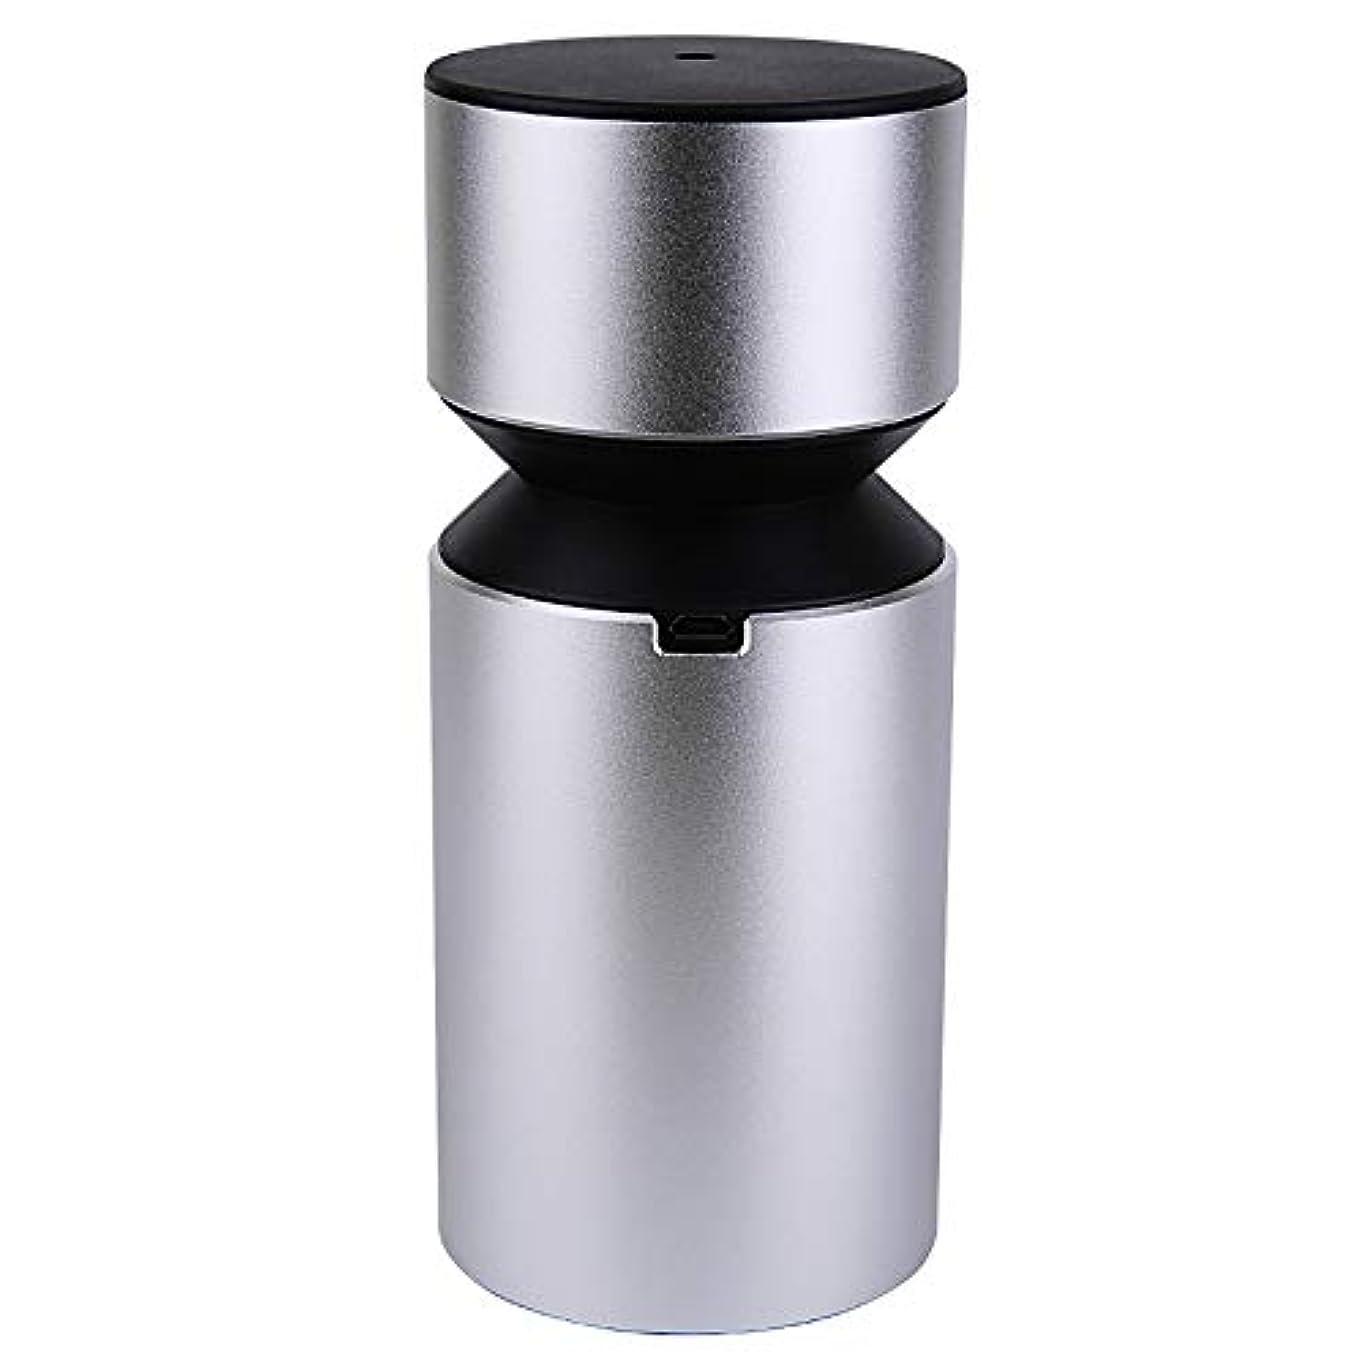 うま葡萄セイはさておきアロマディフューザー 車載用 ネブライザー式 充電式 静音 精油瓶1個スポイト付きT11-ENS068N (シルバー)